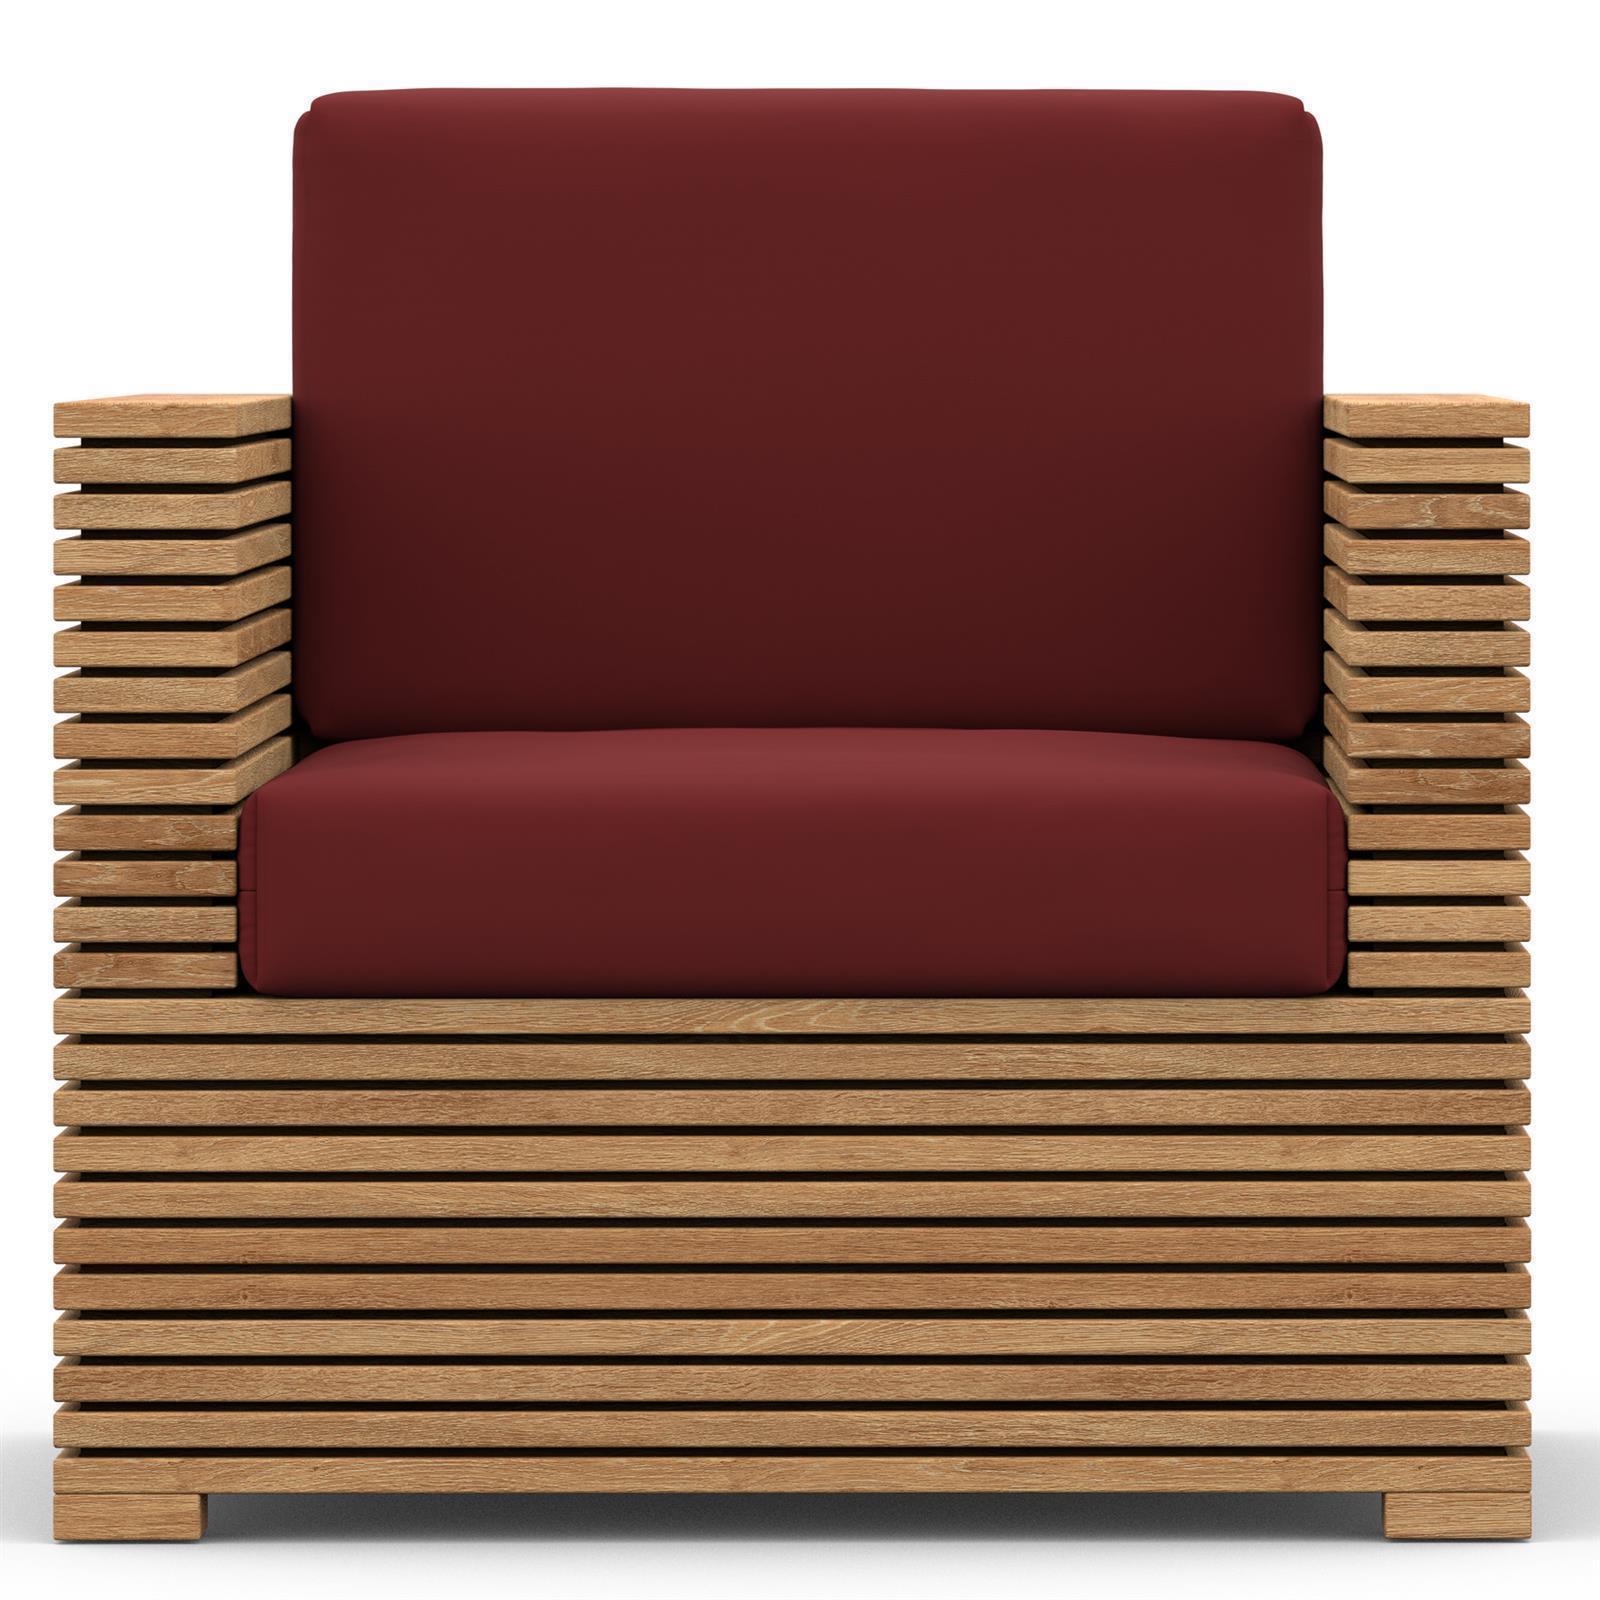 lounge kissen nach ma und lounge auflagen ma anfertigung in abziehba. Black Bedroom Furniture Sets. Home Design Ideas